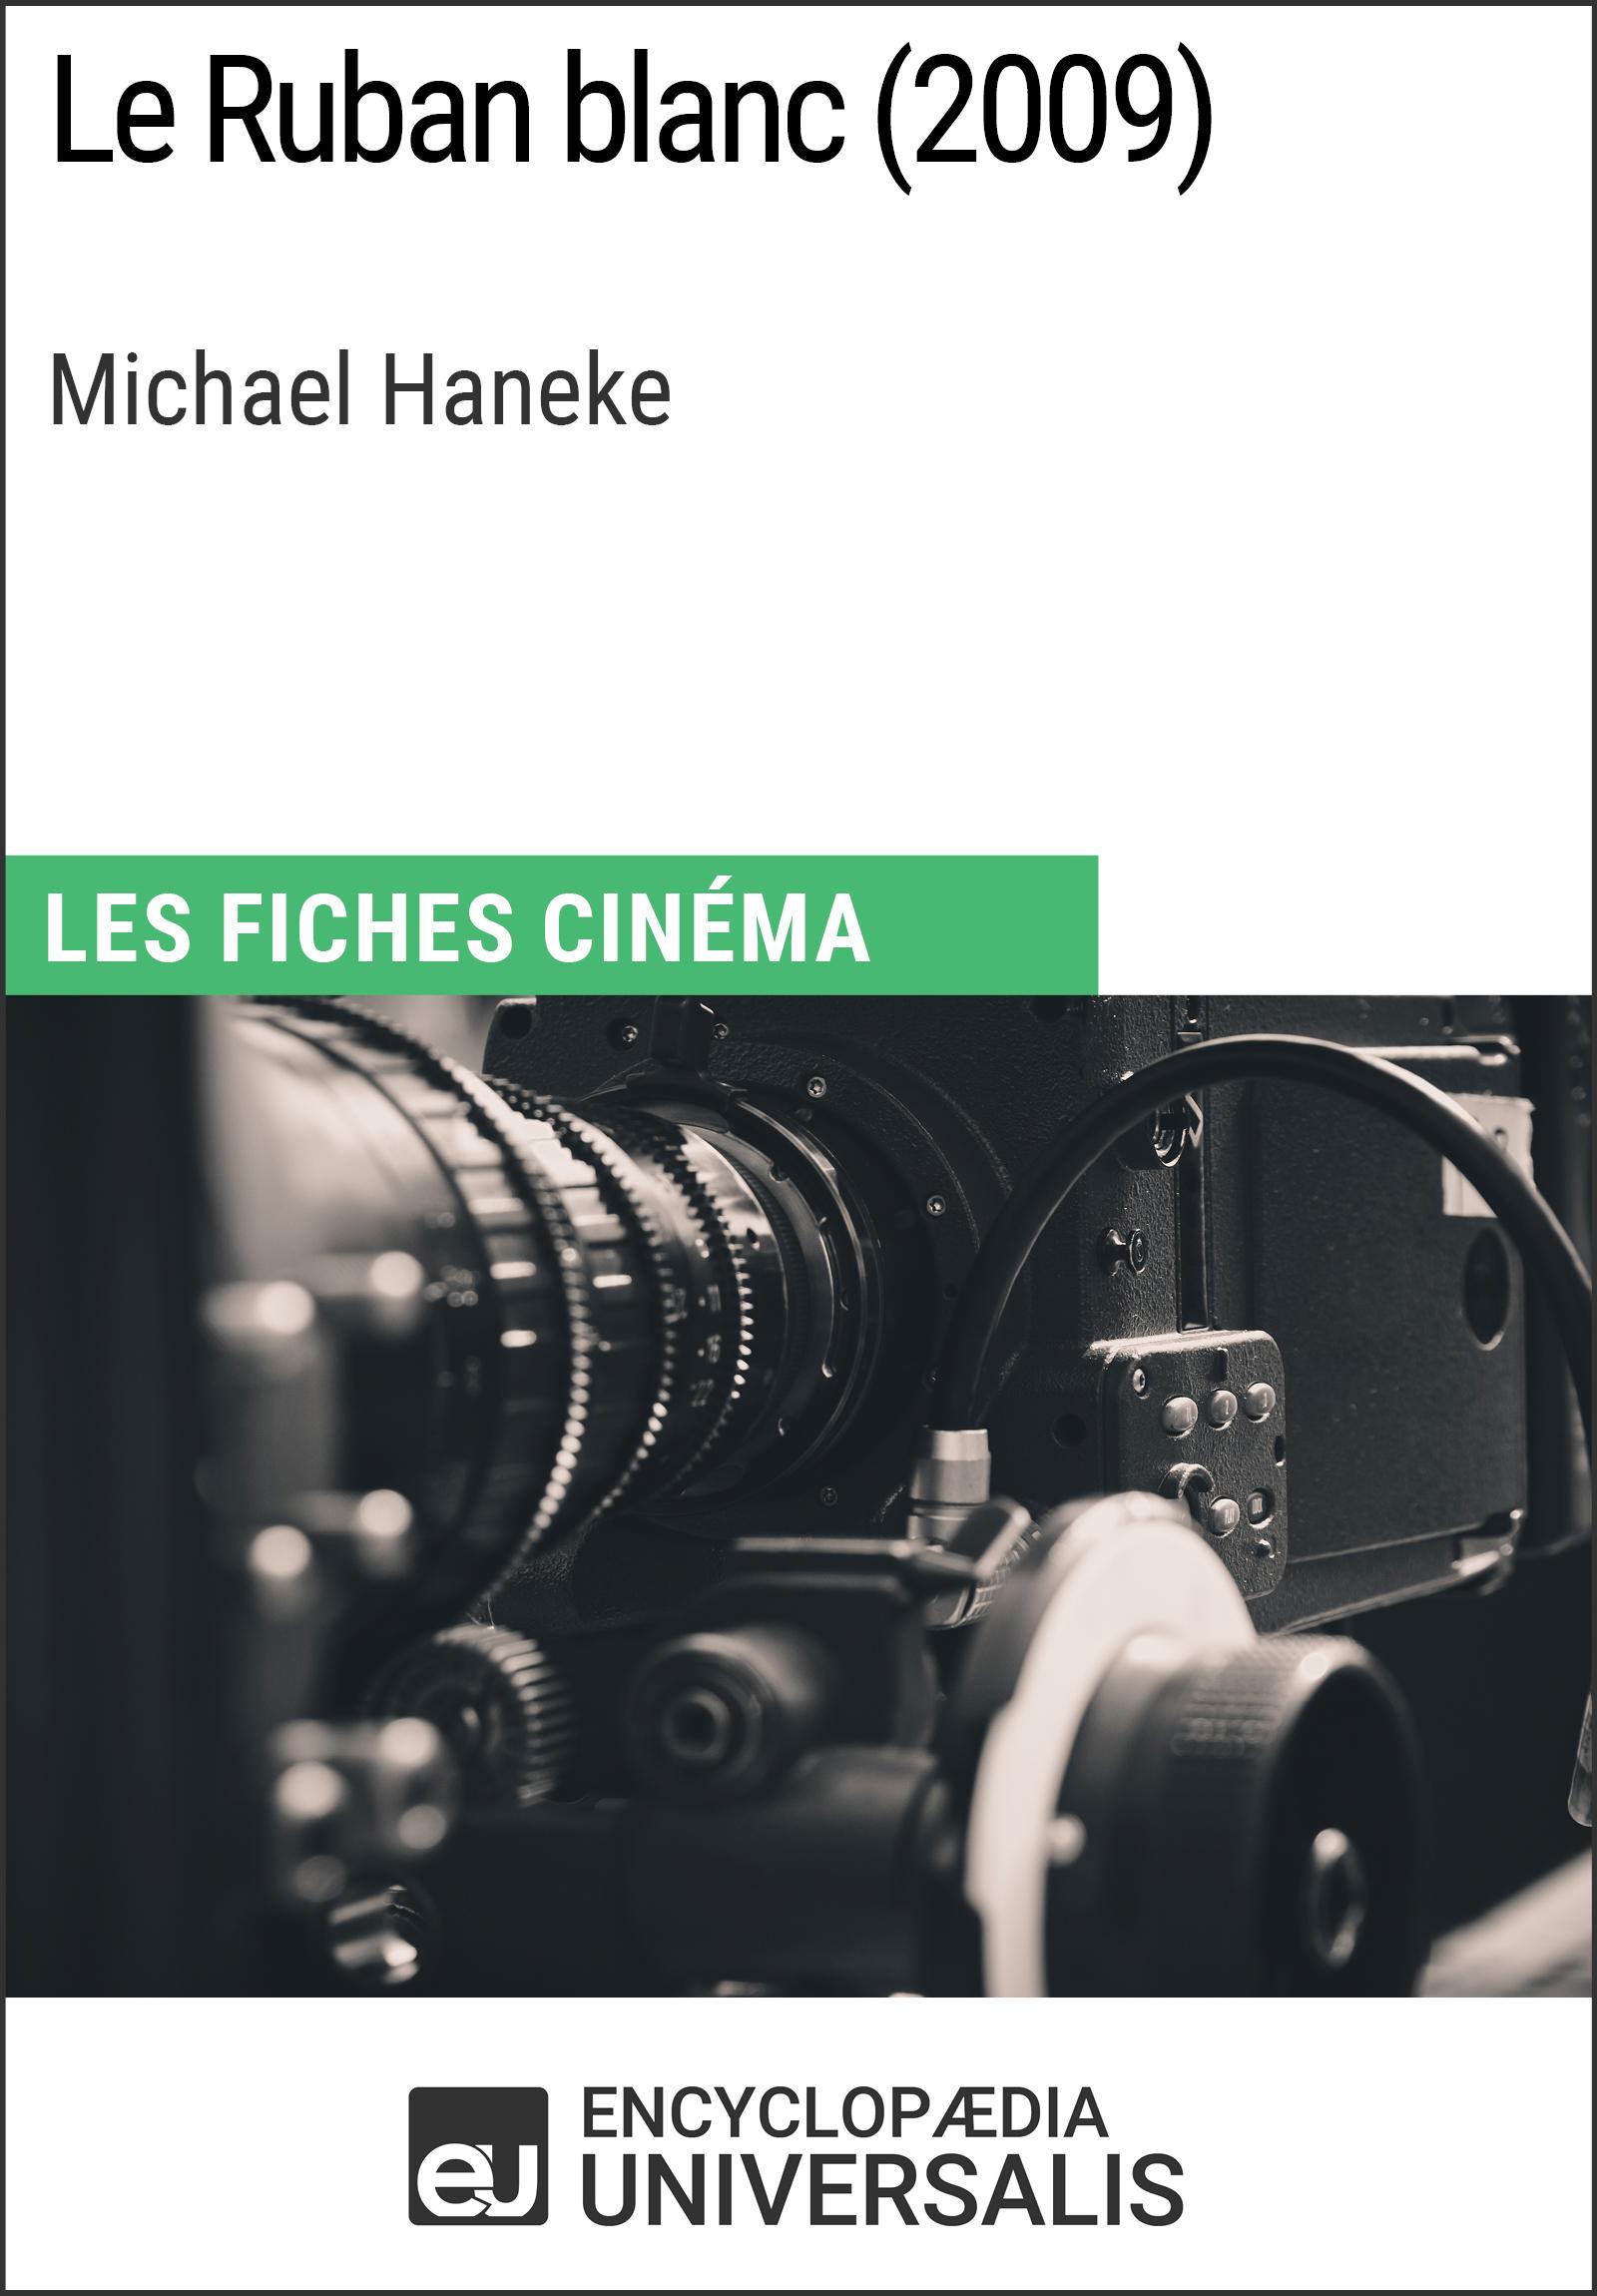 Le Ruban blanc de Michael Haneke